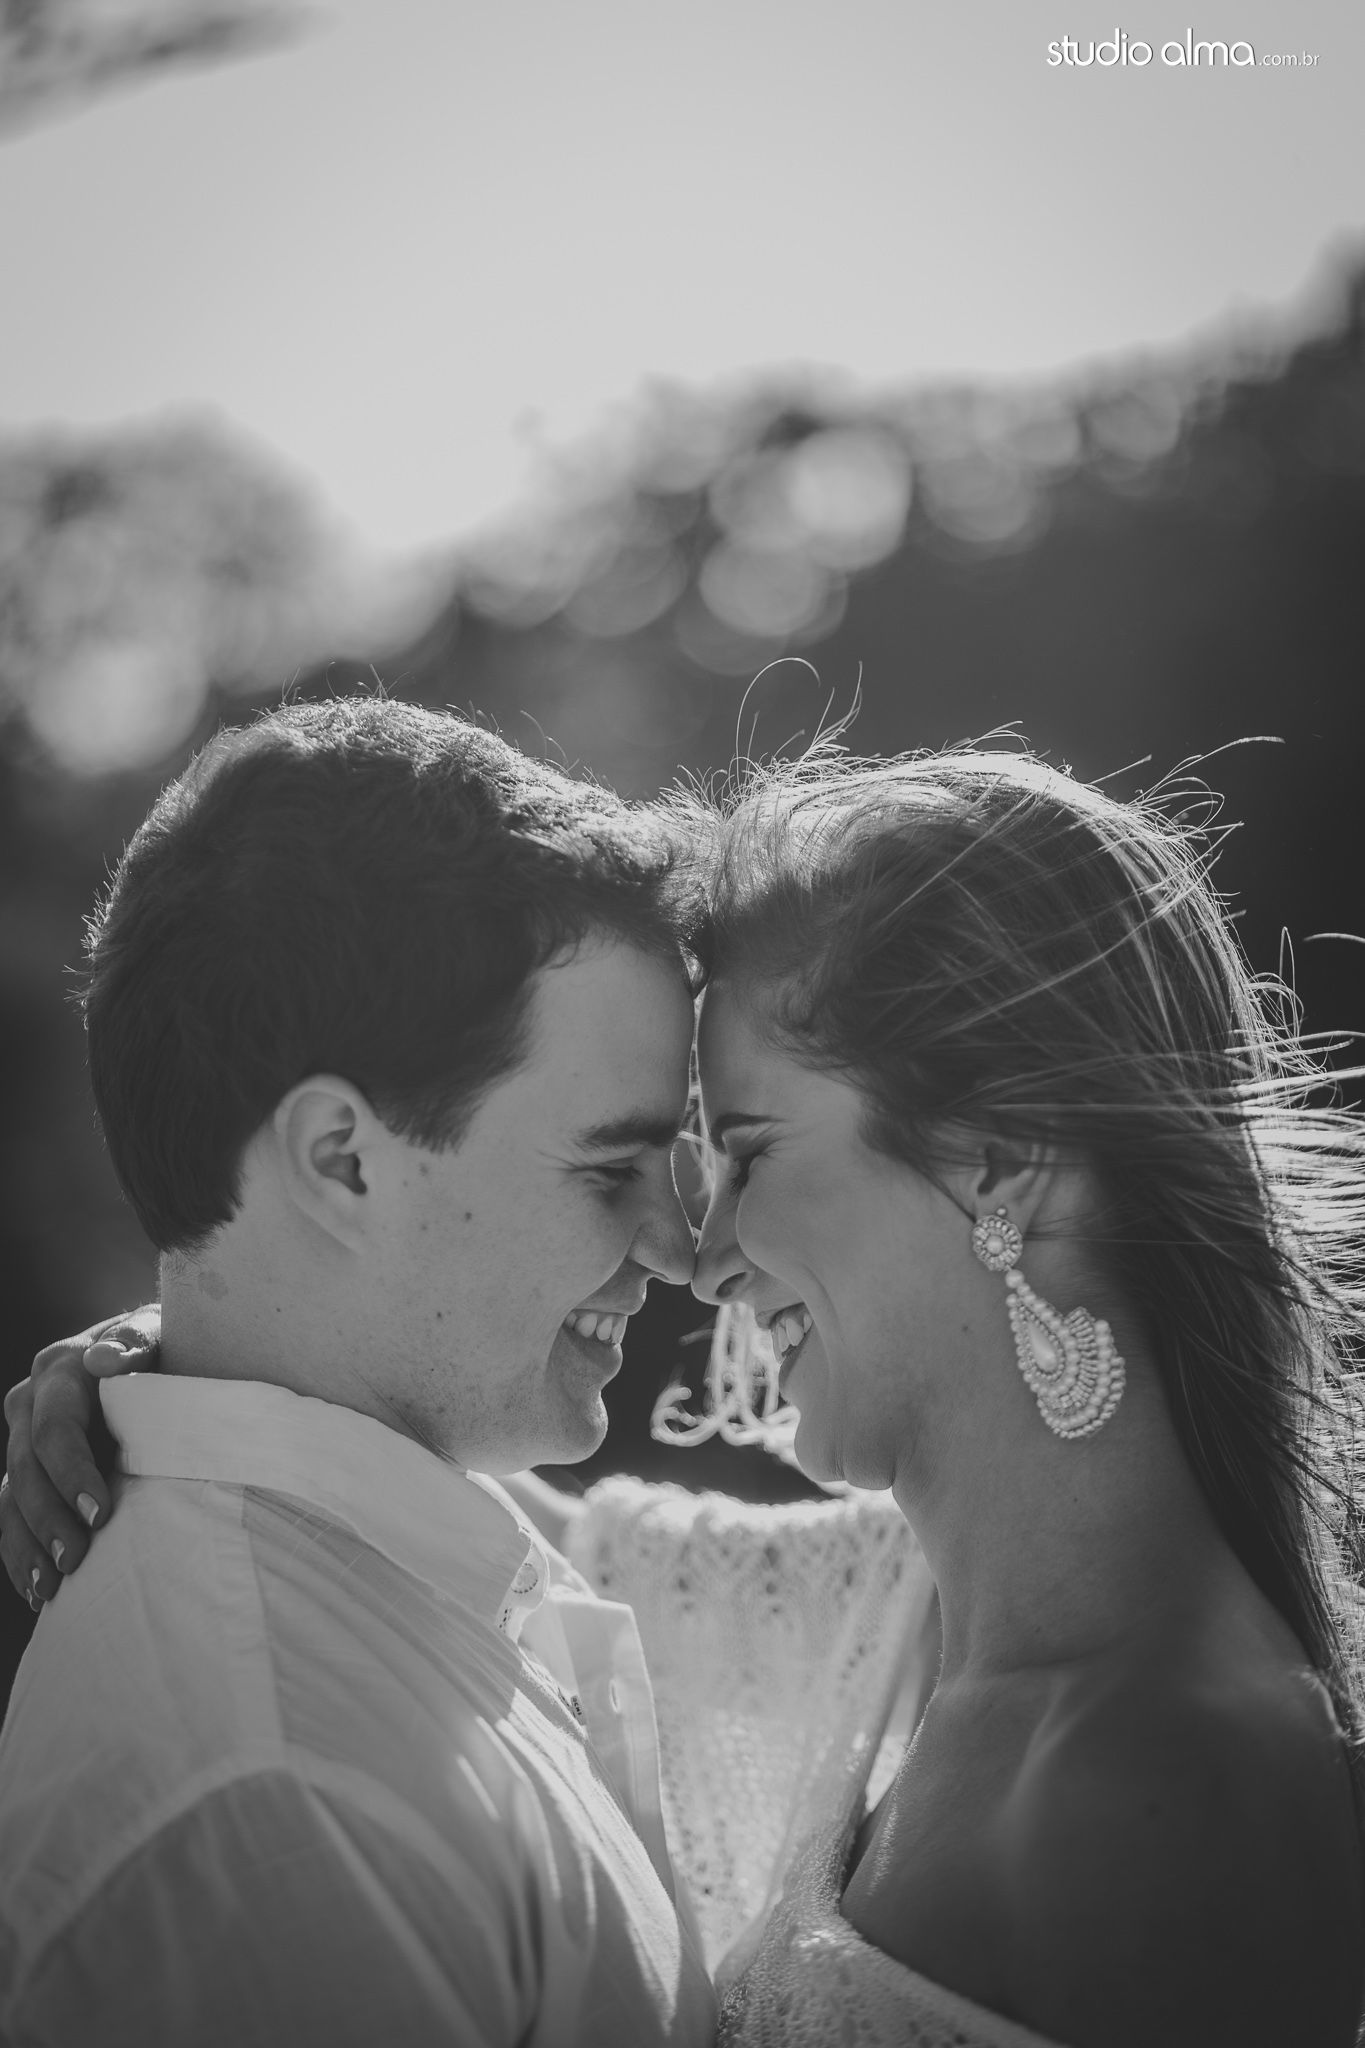 Letícia-André-E-Session-21 Romance e Felicidade - Letícia e André | ensaio pré-wedding